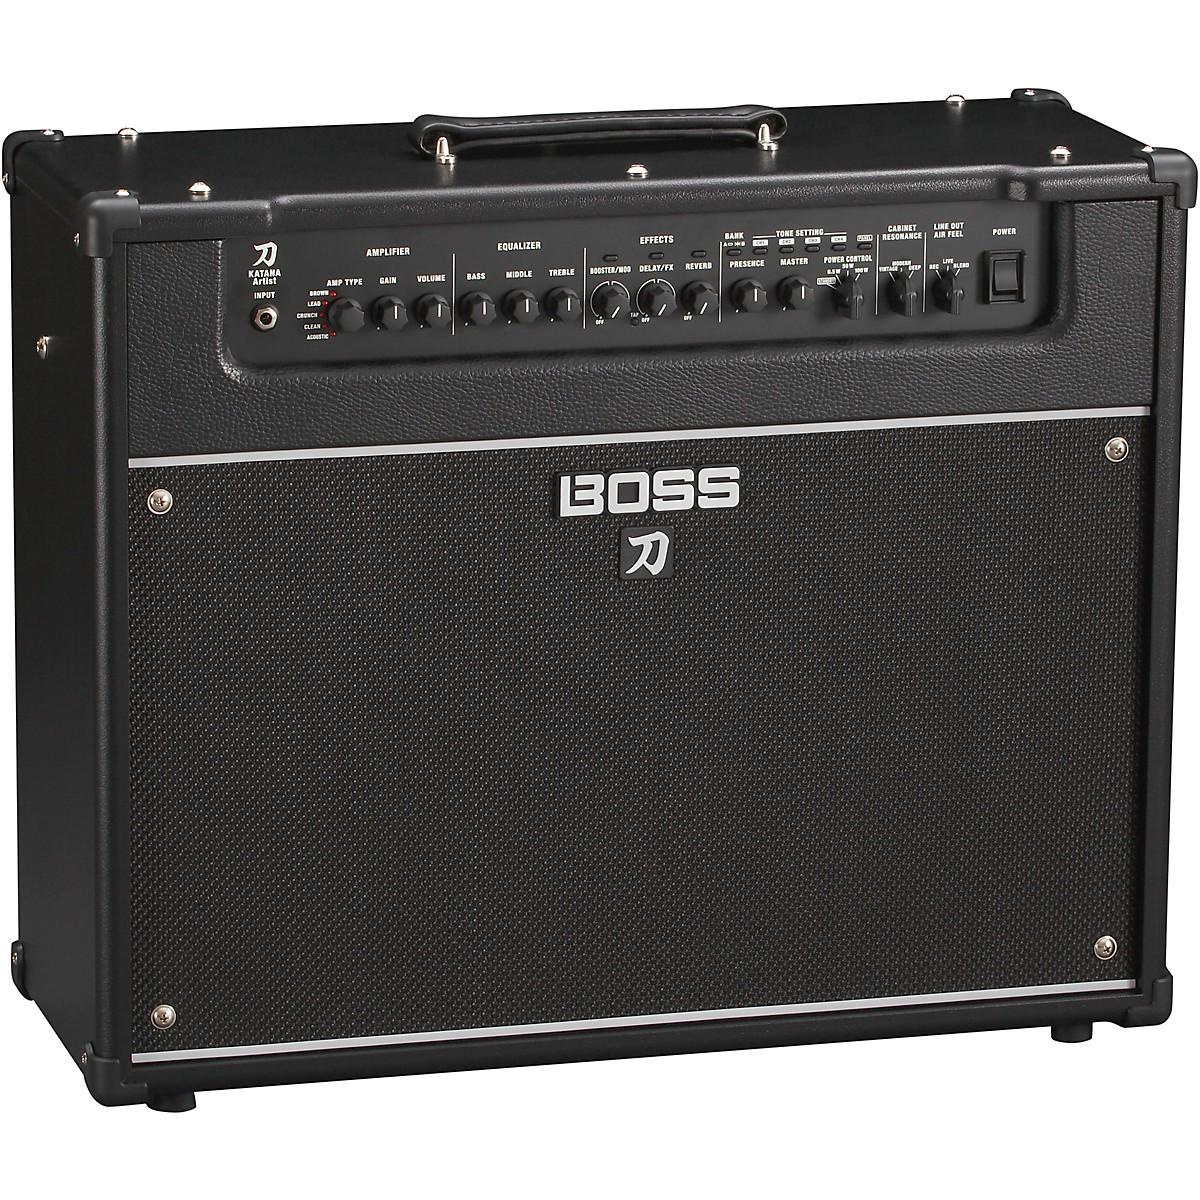 Boss Katana-Artist 100W 1x12 Guitar Combo Amplifier